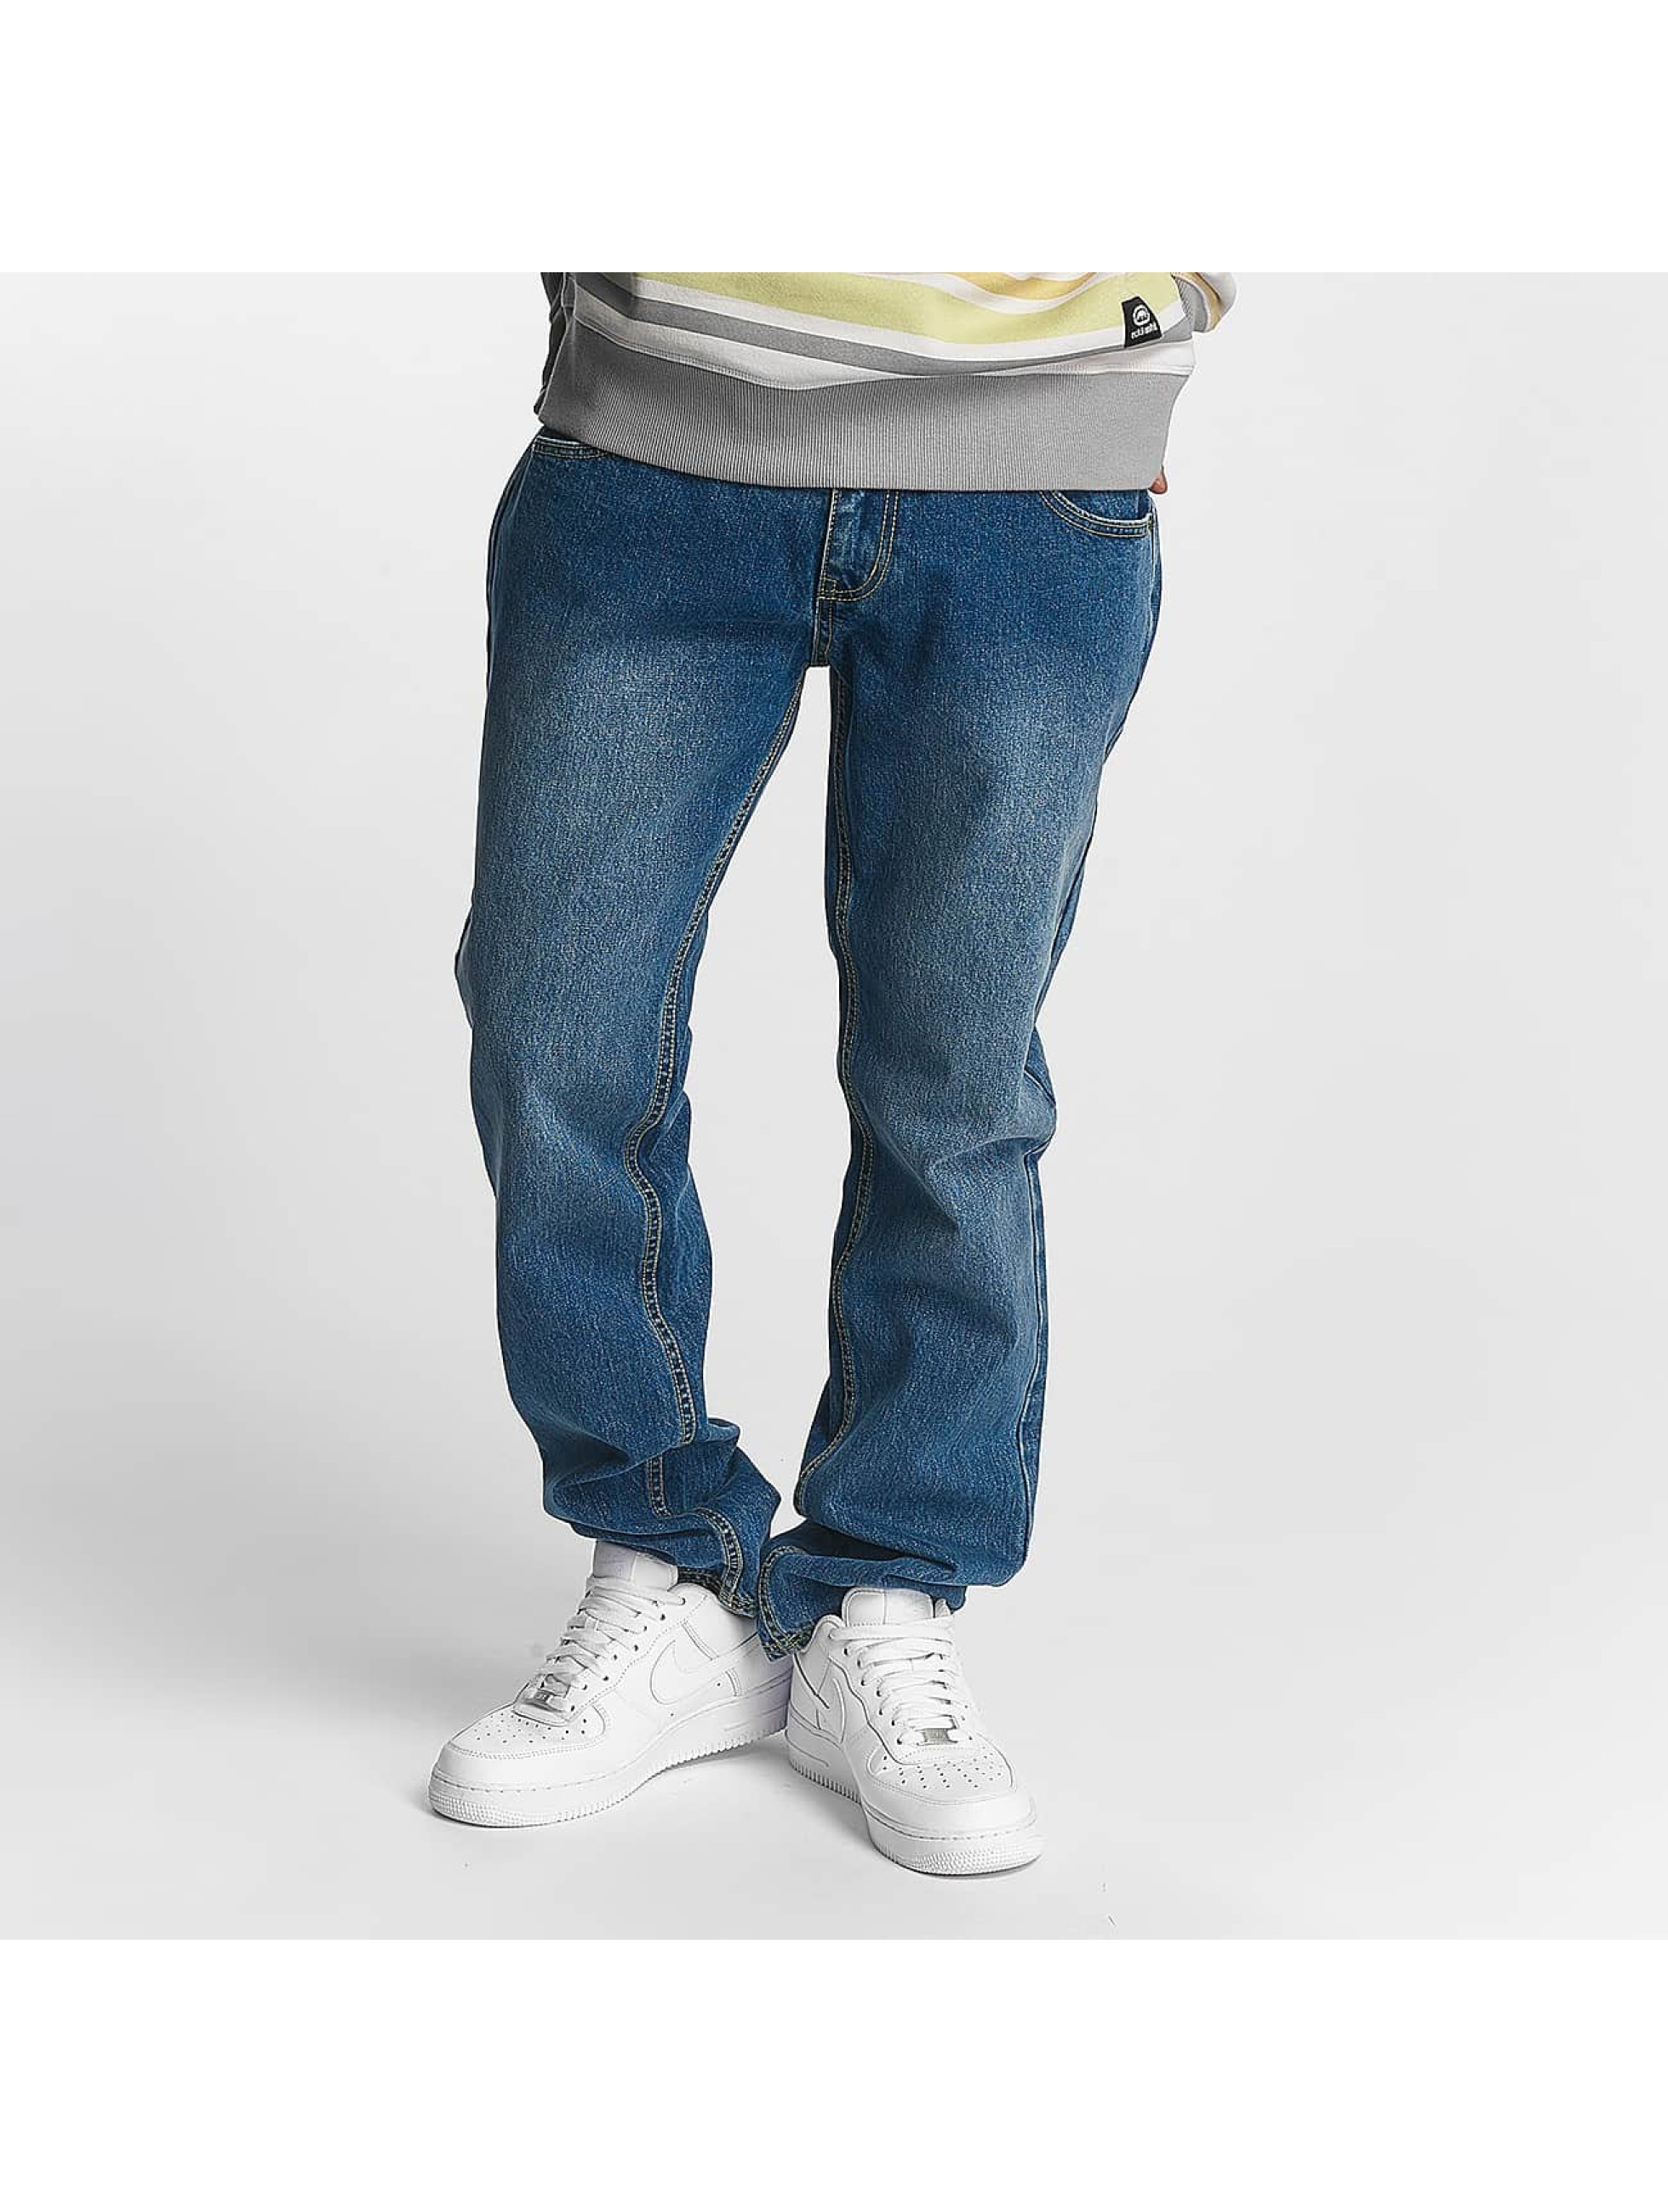 Ecko Unltd. / Loose Fit Jeans ECKOJS1021 in blue W 42 L 34